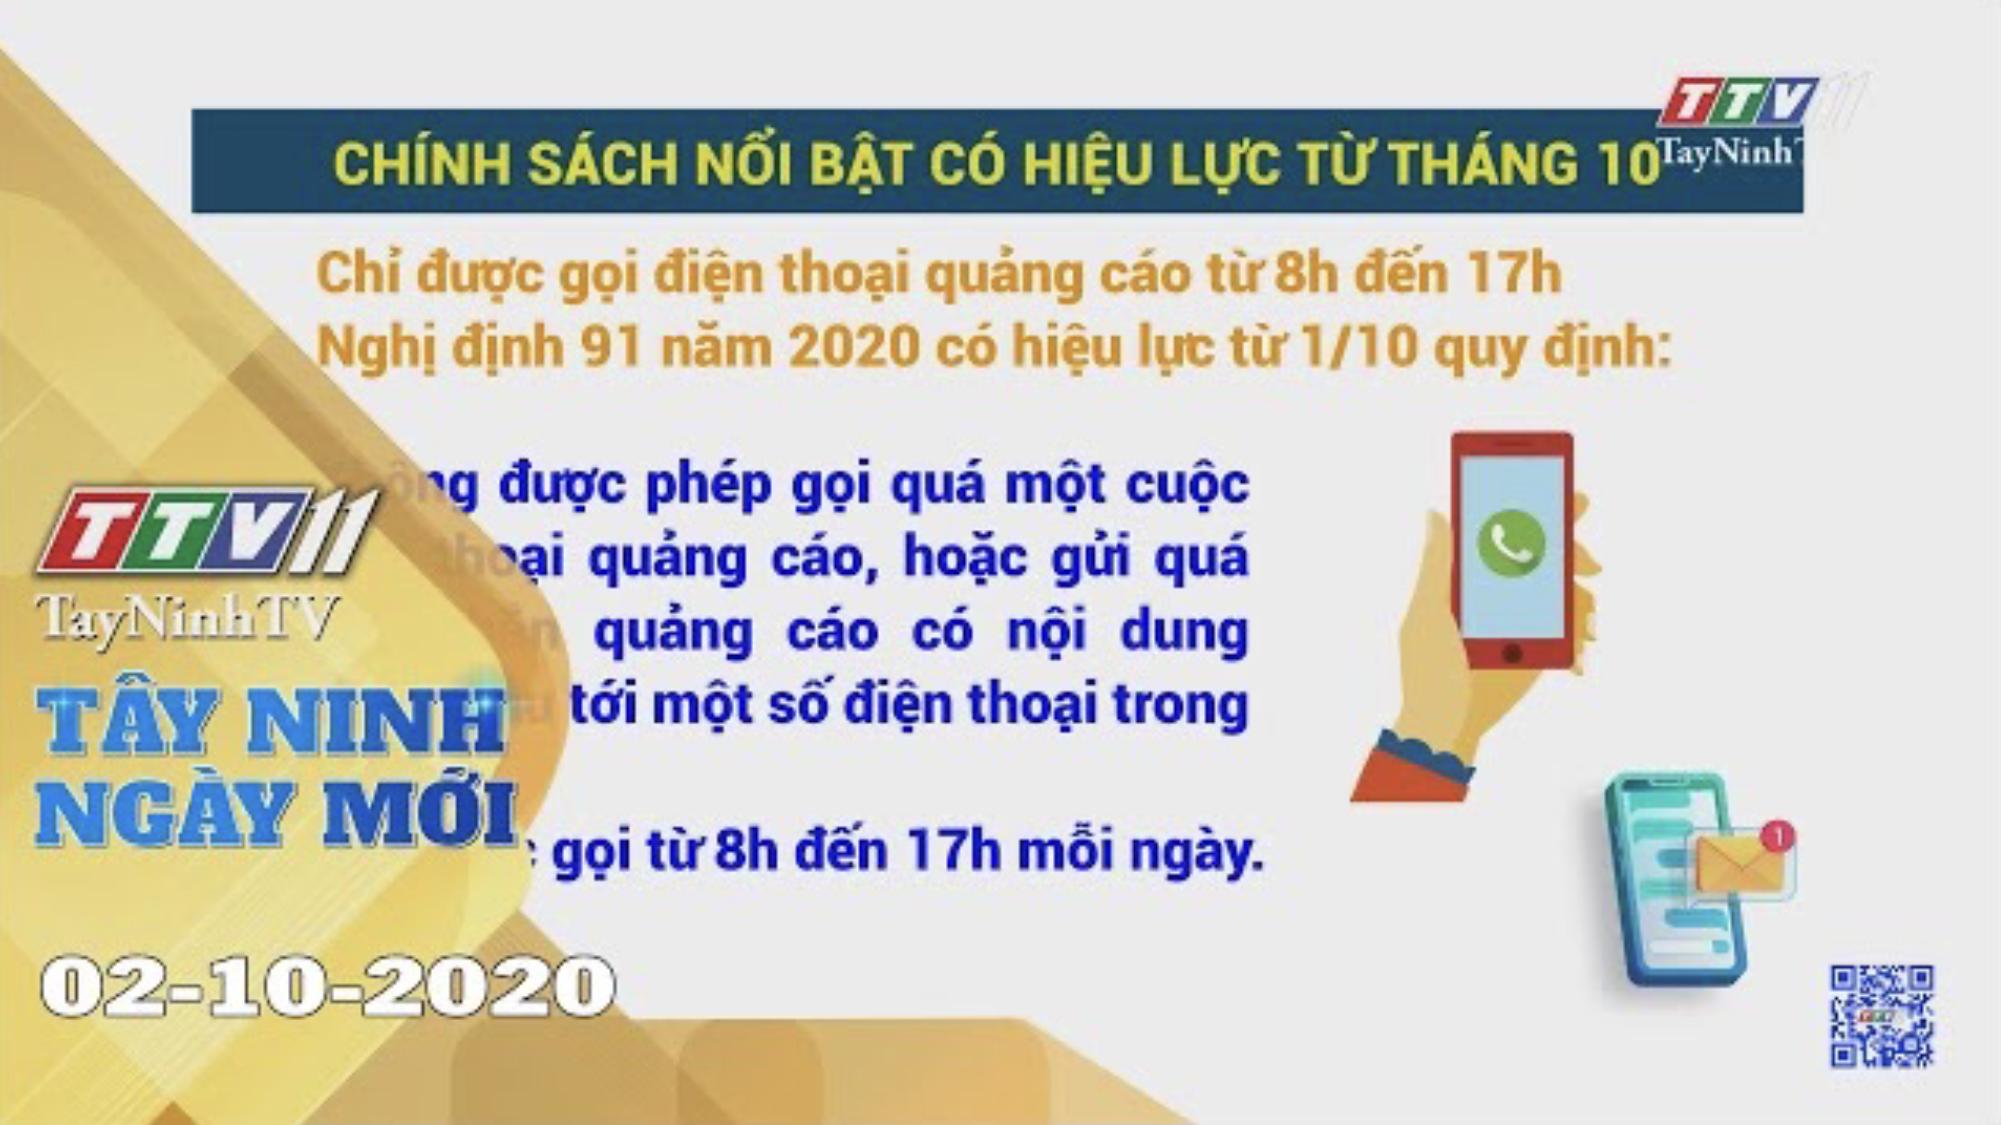 Tây Ninh Ngày Mới 02-10-2020 | Tin tức hôm nay | TayNinhTV